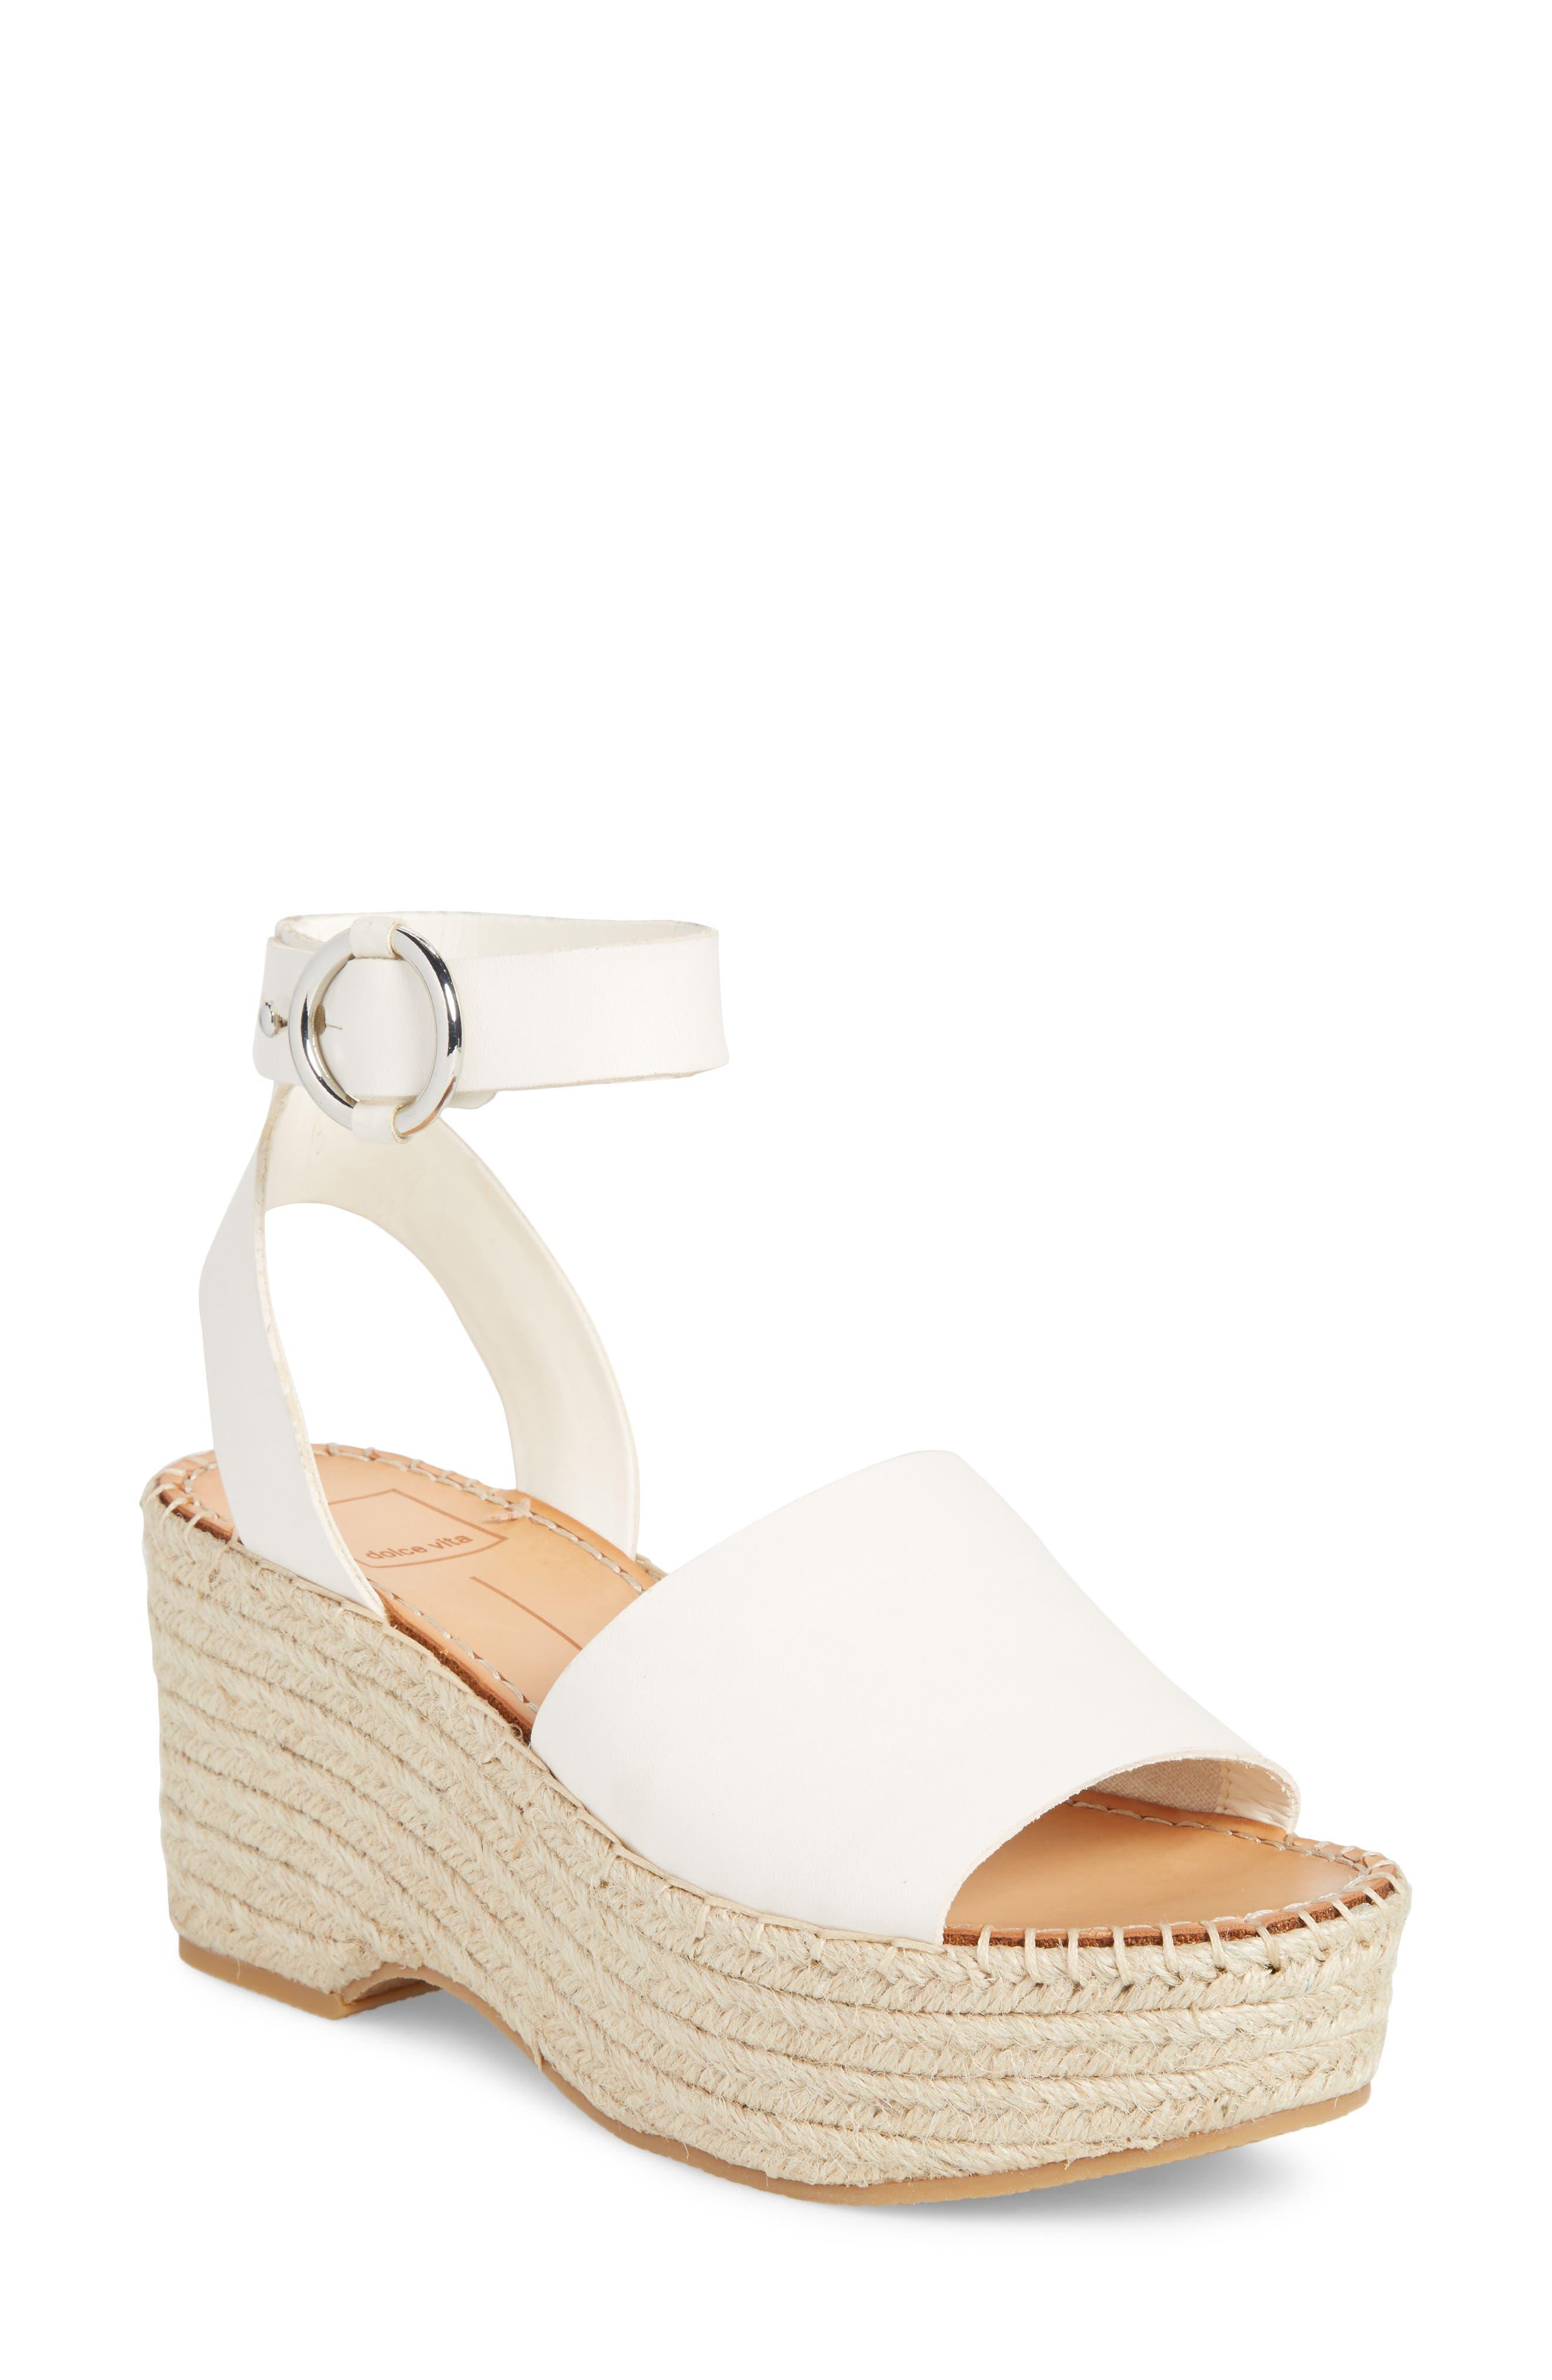 DOLCE VITA Lesly Espadrille Platform Sandal, Main, color, OFF WHITE